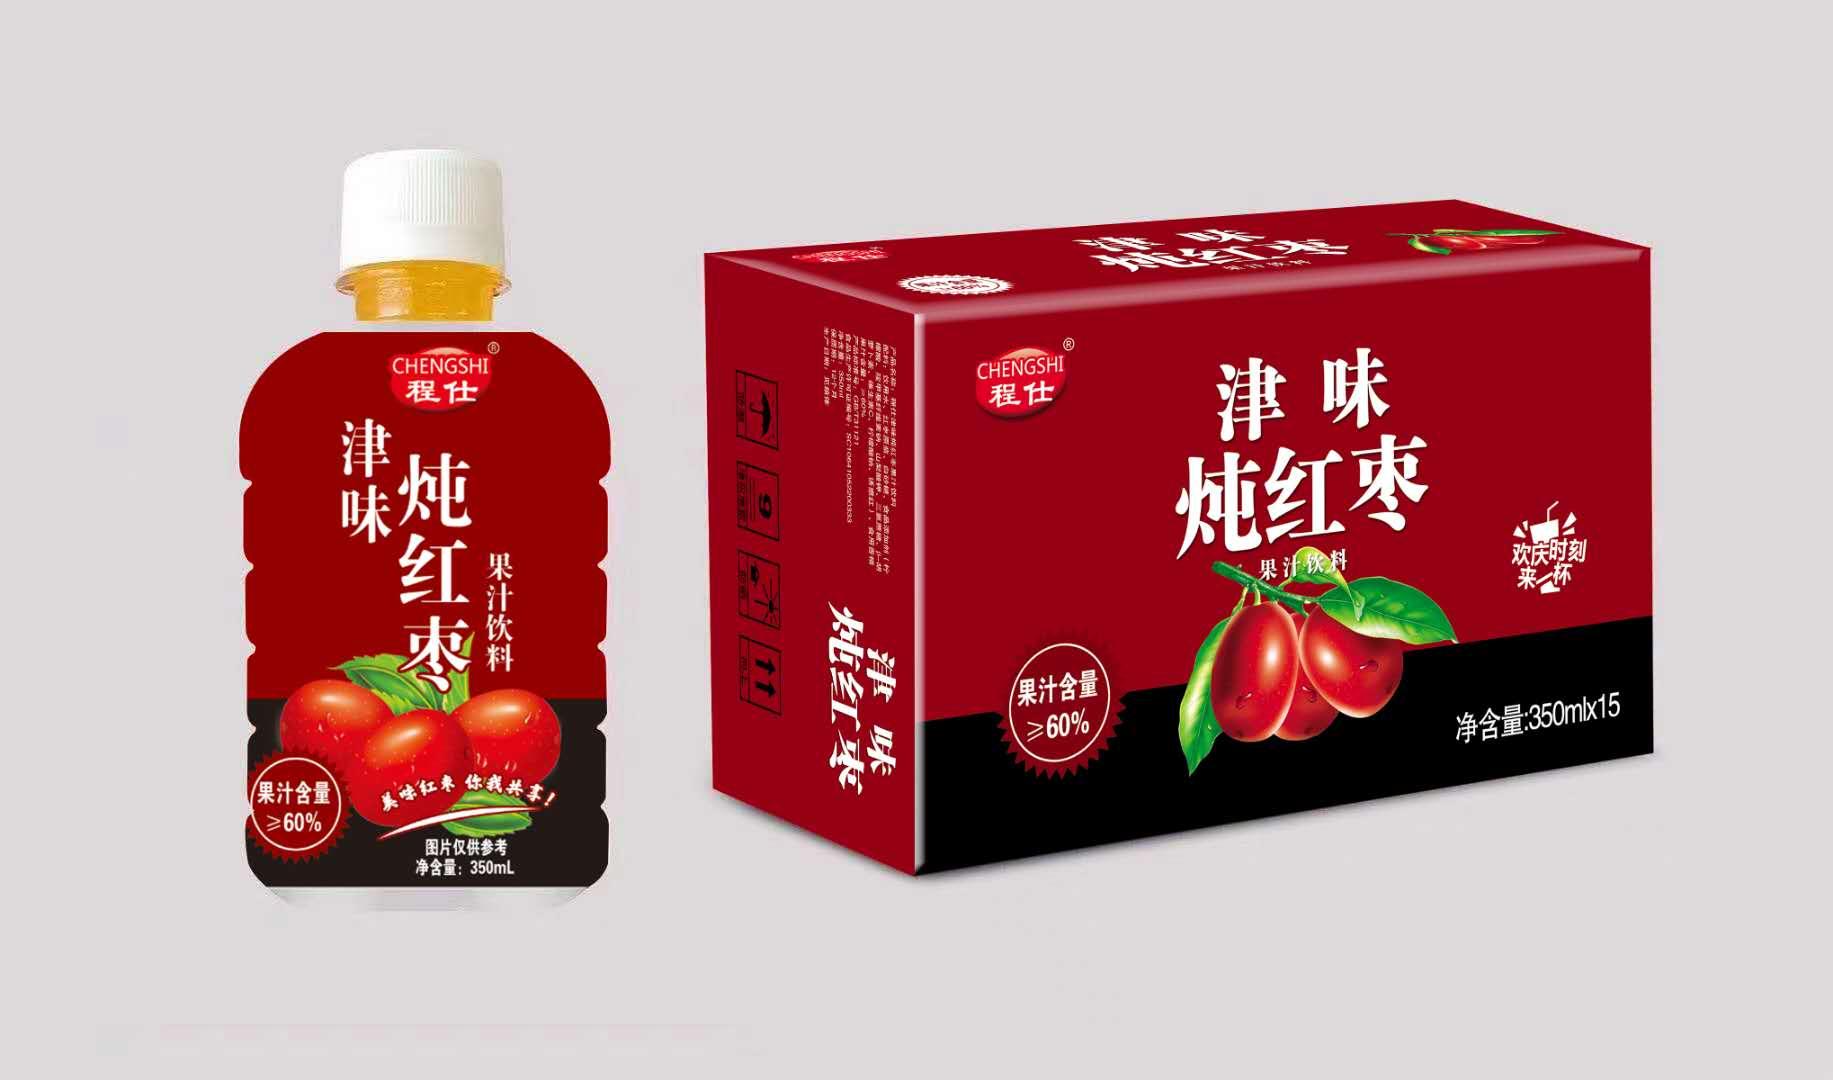 津味炖红枣